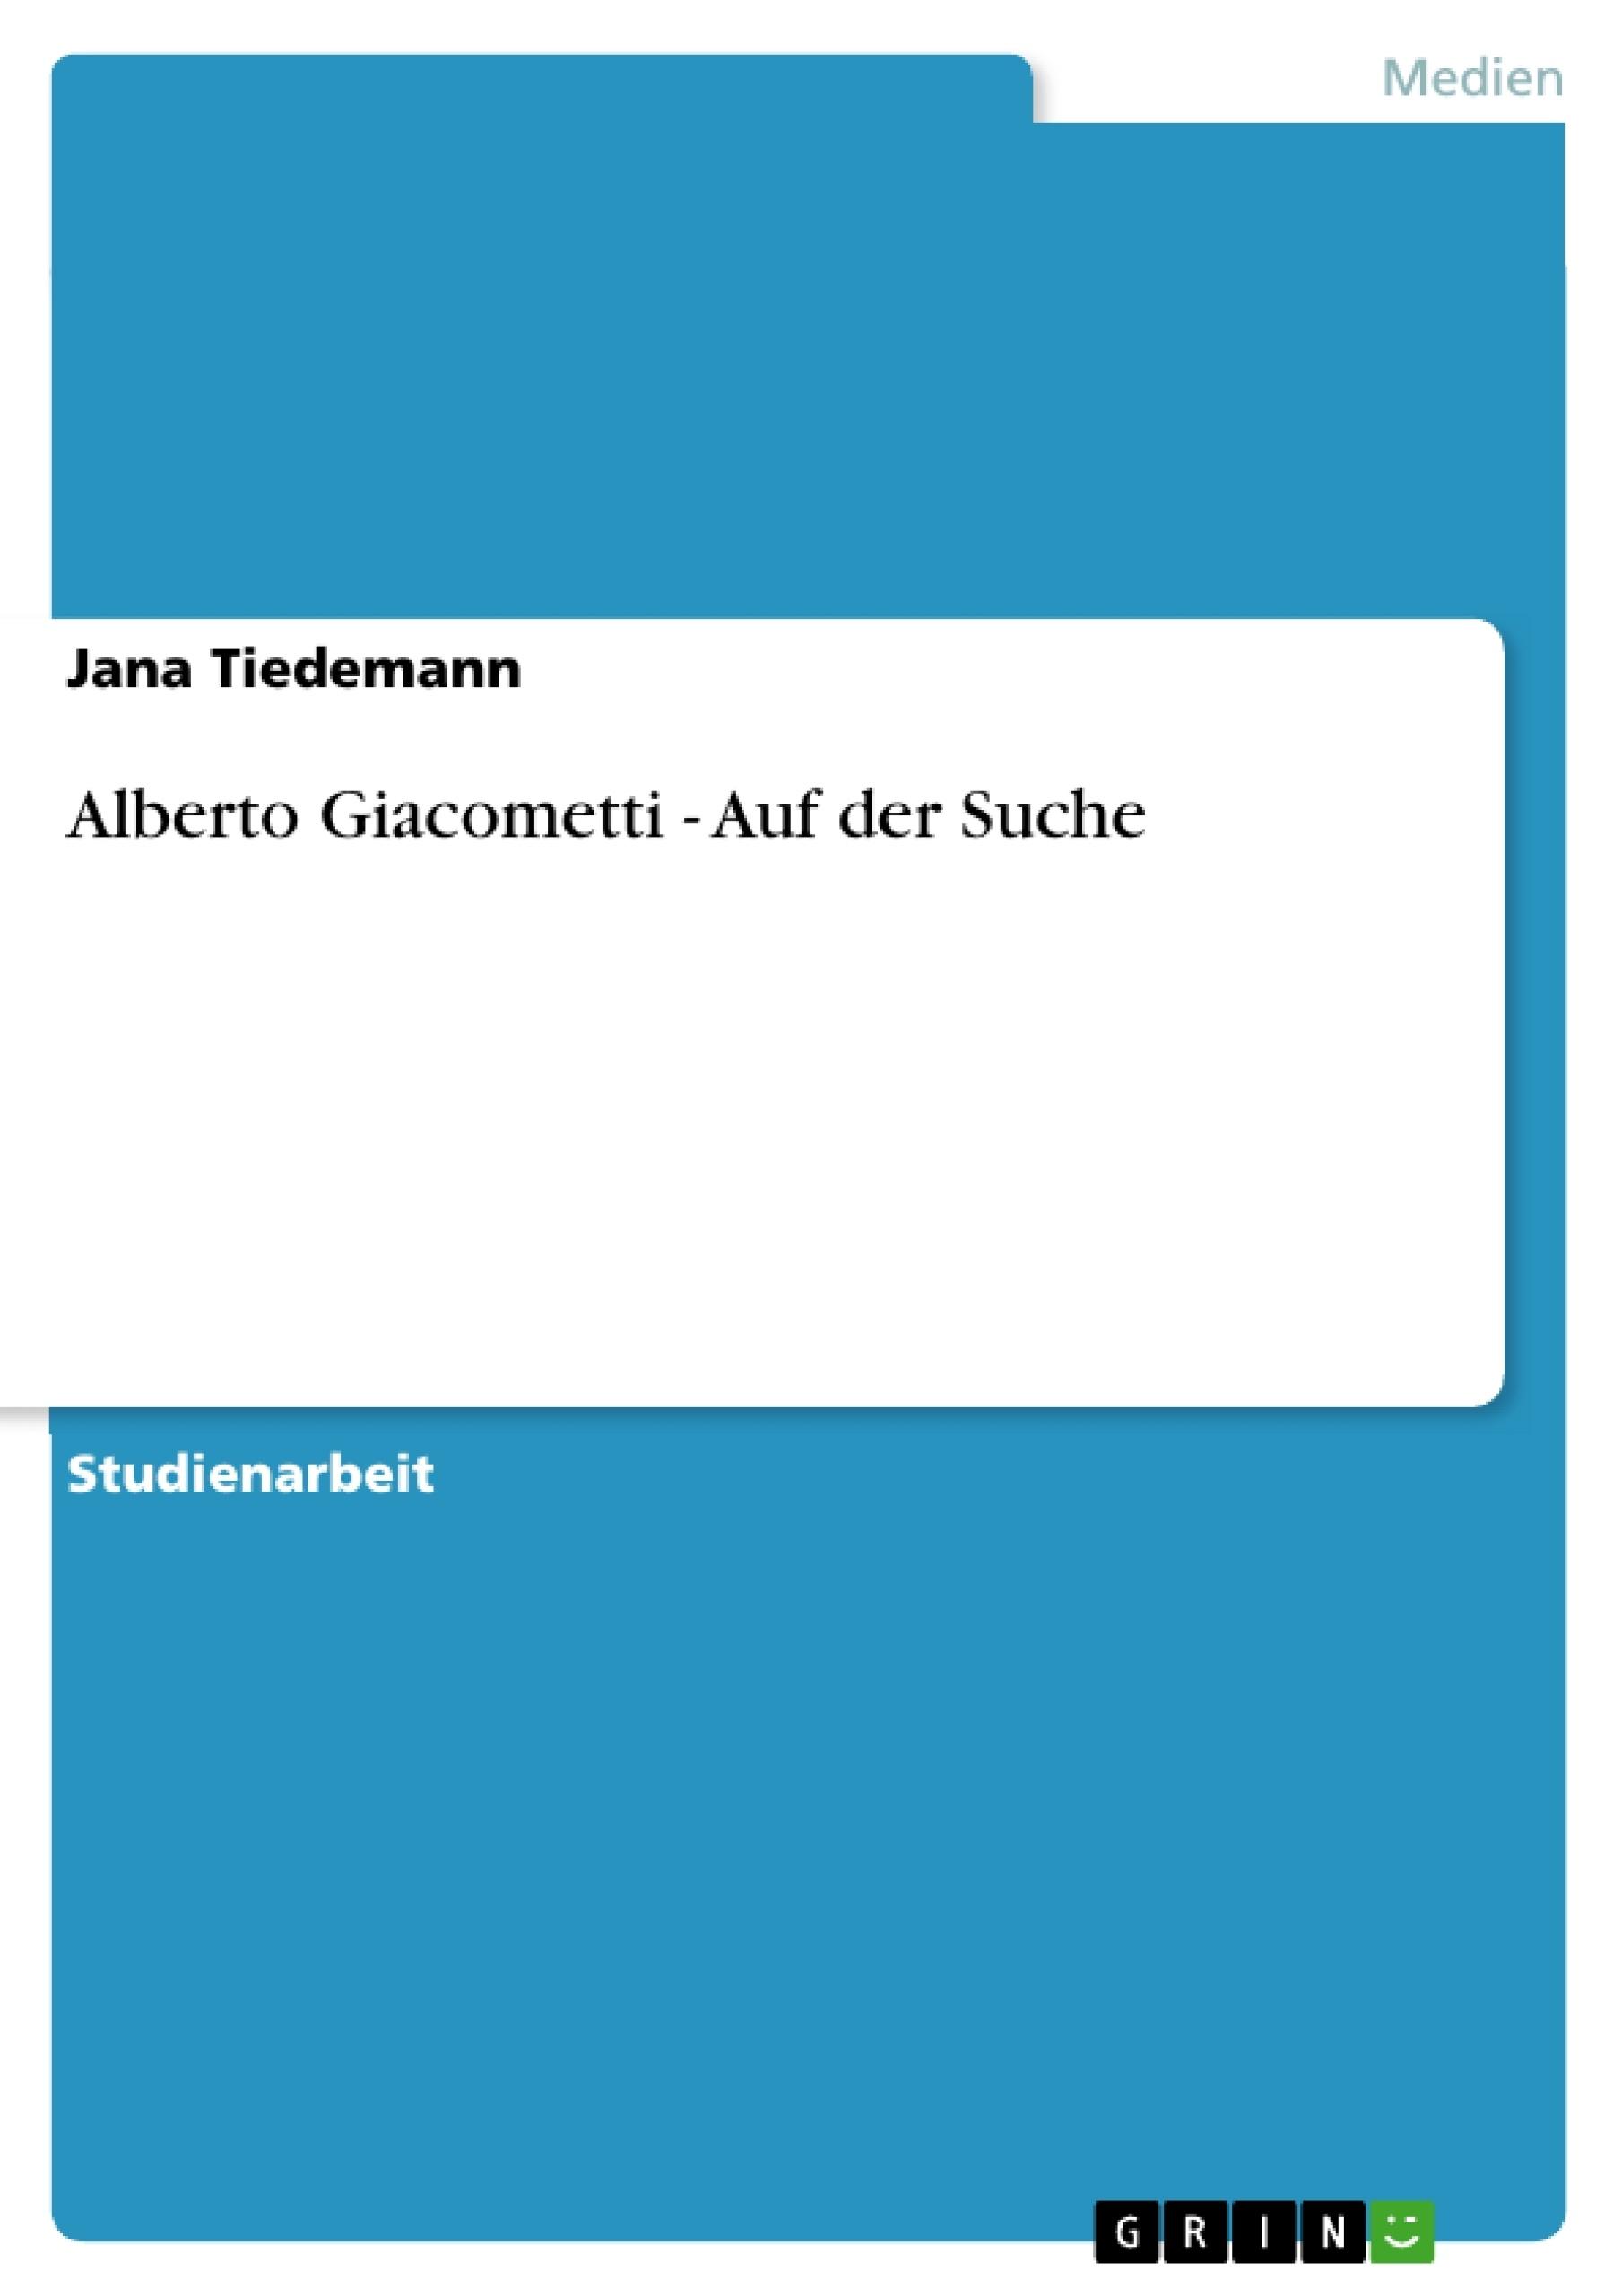 Titel: Alberto Giacometti - Auf der Suche